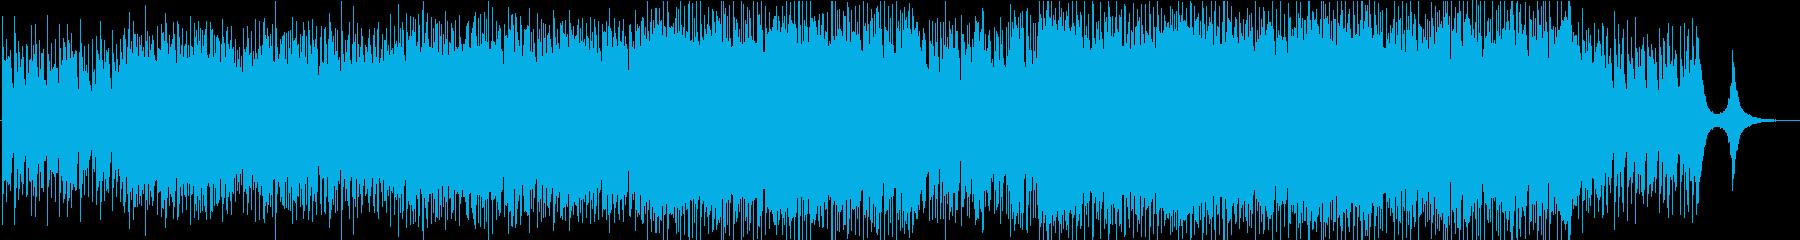 Shimmerの再生済みの波形